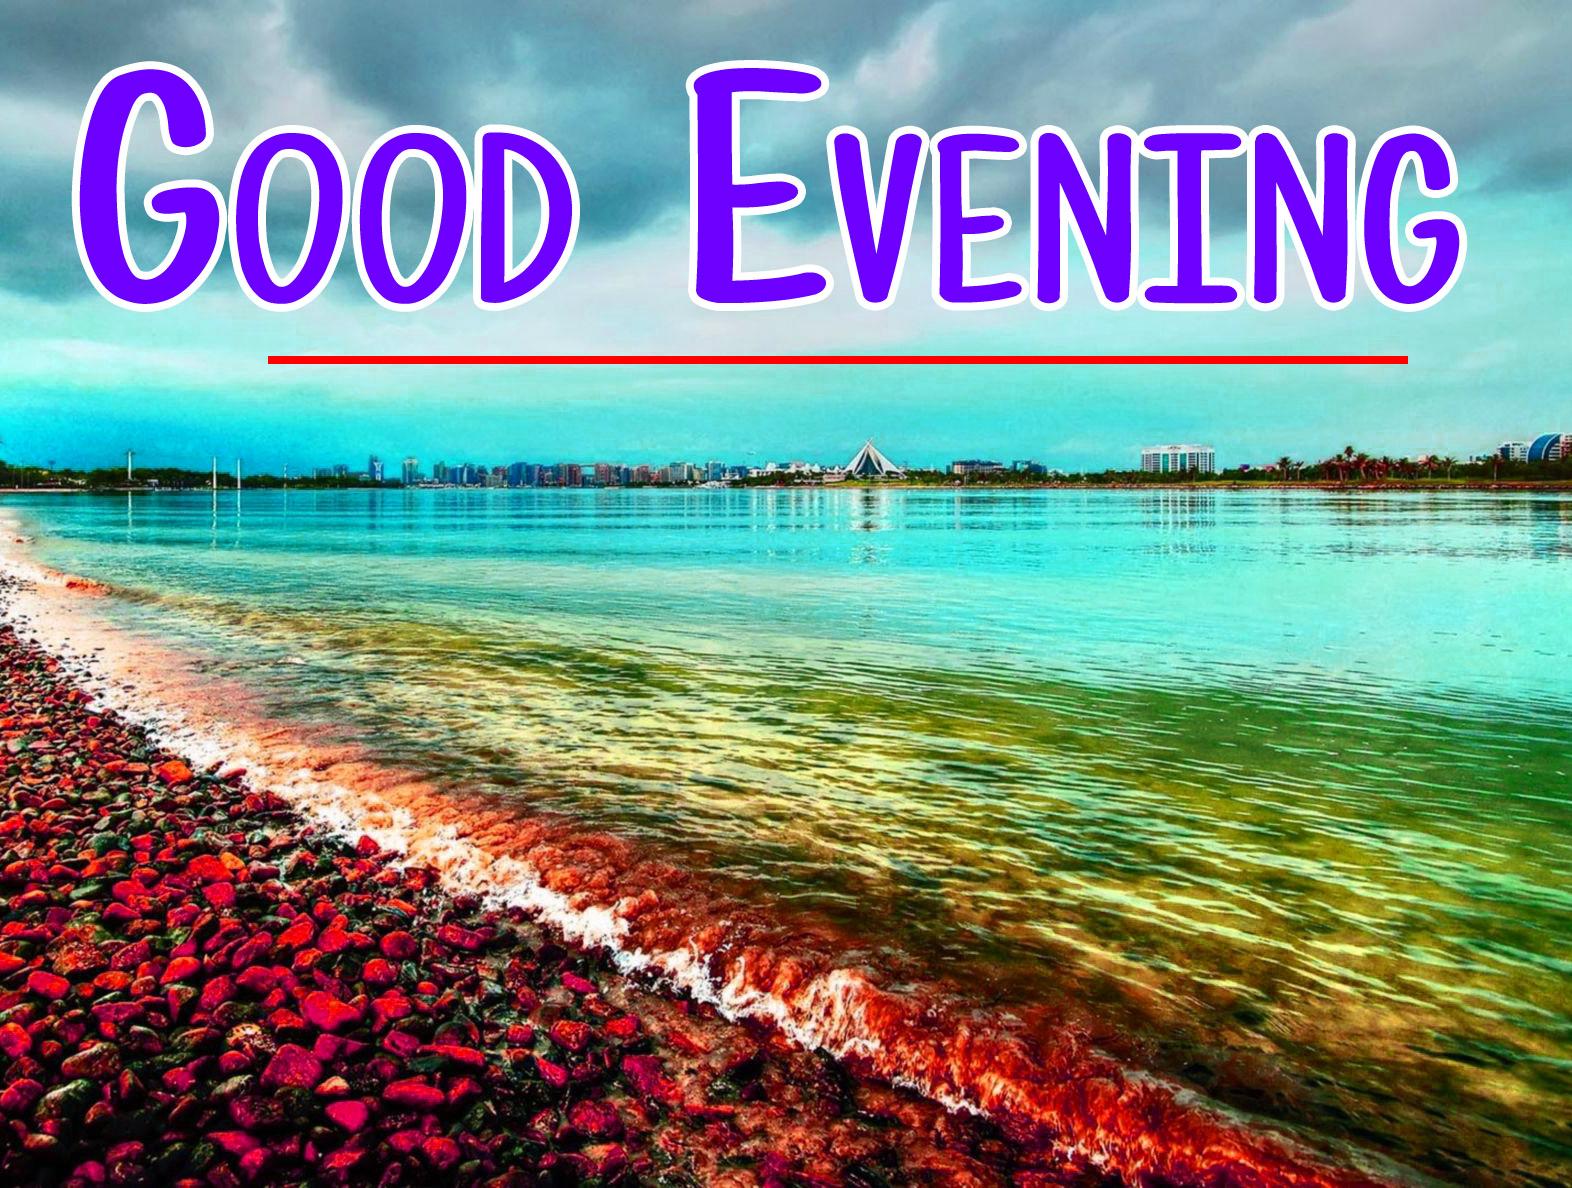 Beautiful Good Evening Images 4